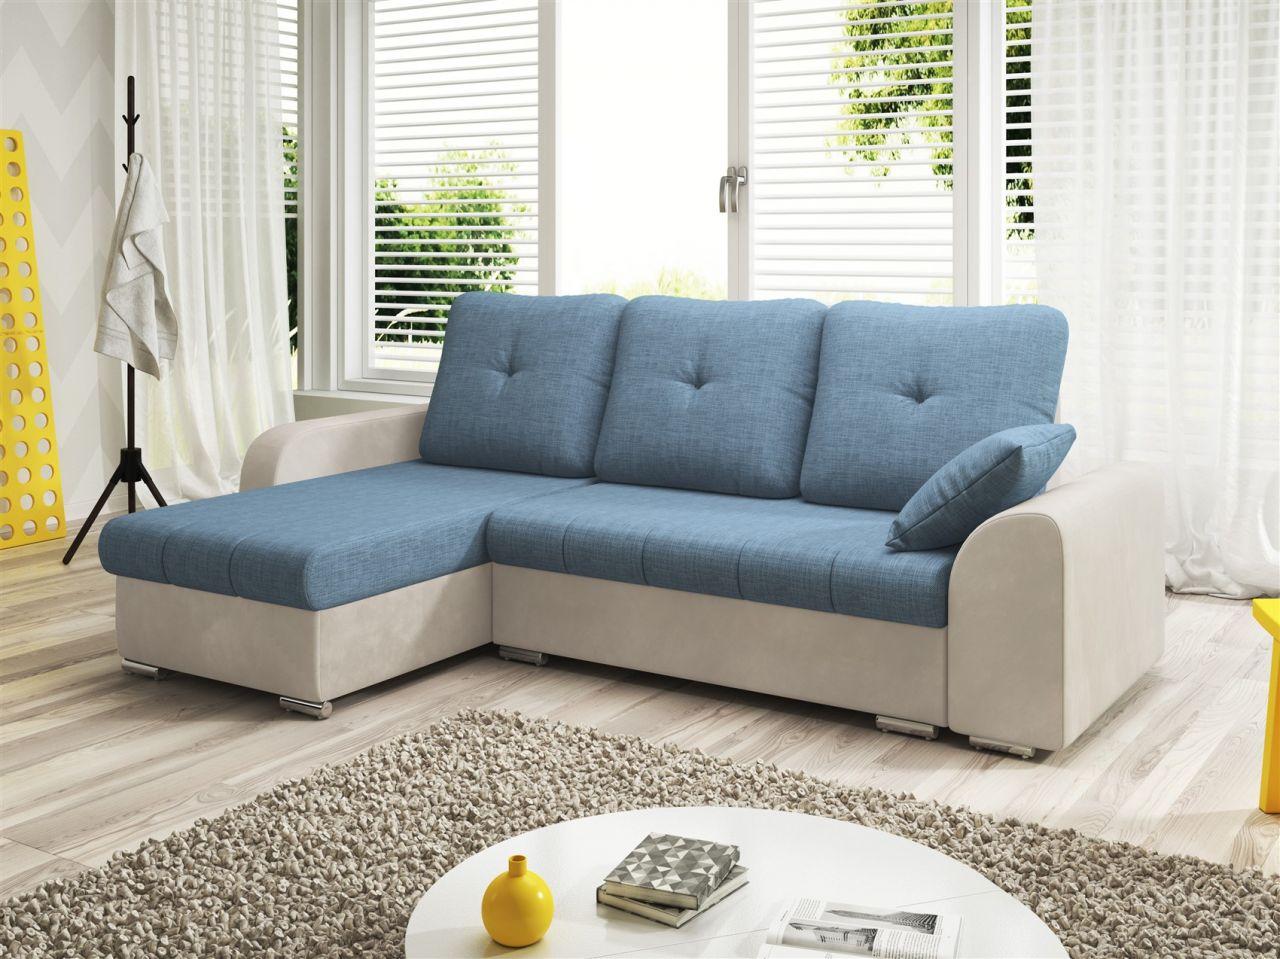 Malerisch Couch Hellblau Das Beste Von Ecksofa Sofa Dekos Mit Schlaffunktion Weiss /